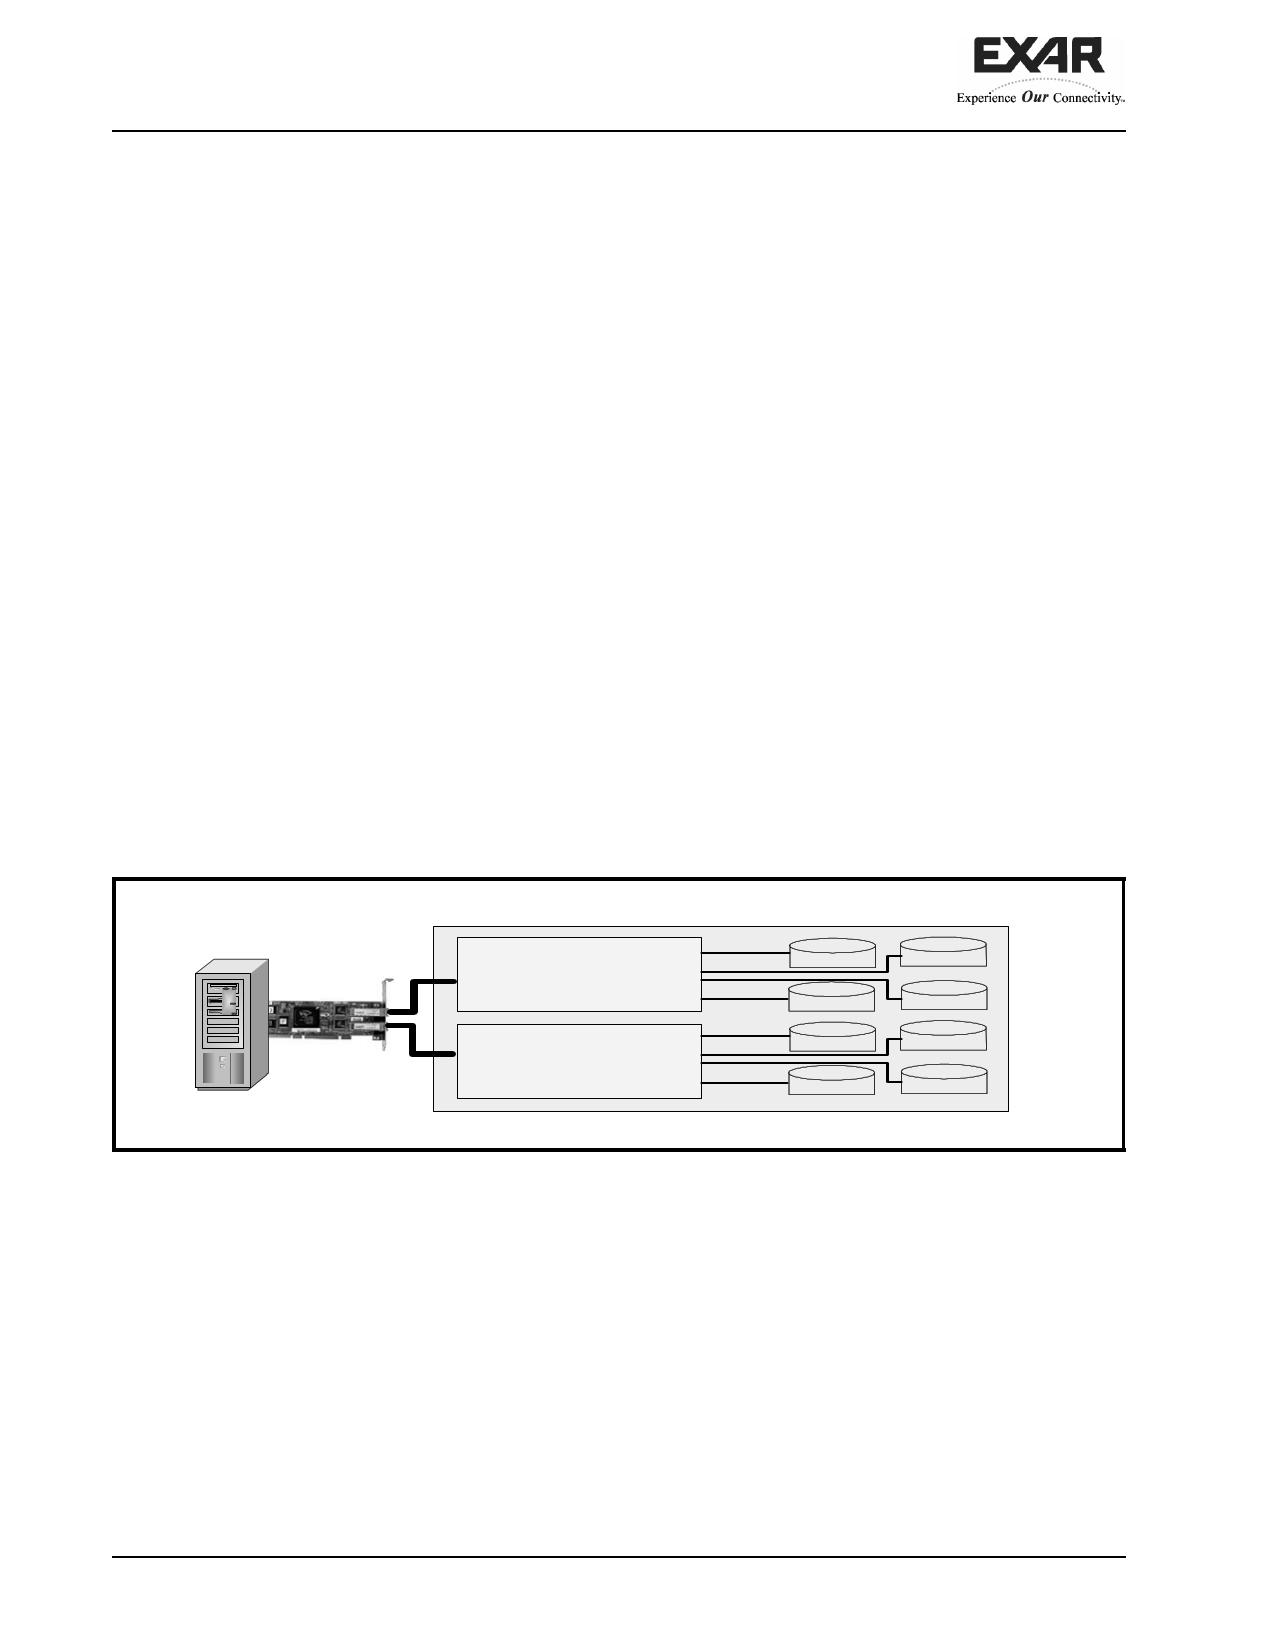 XRS10L140 pdf, schematic